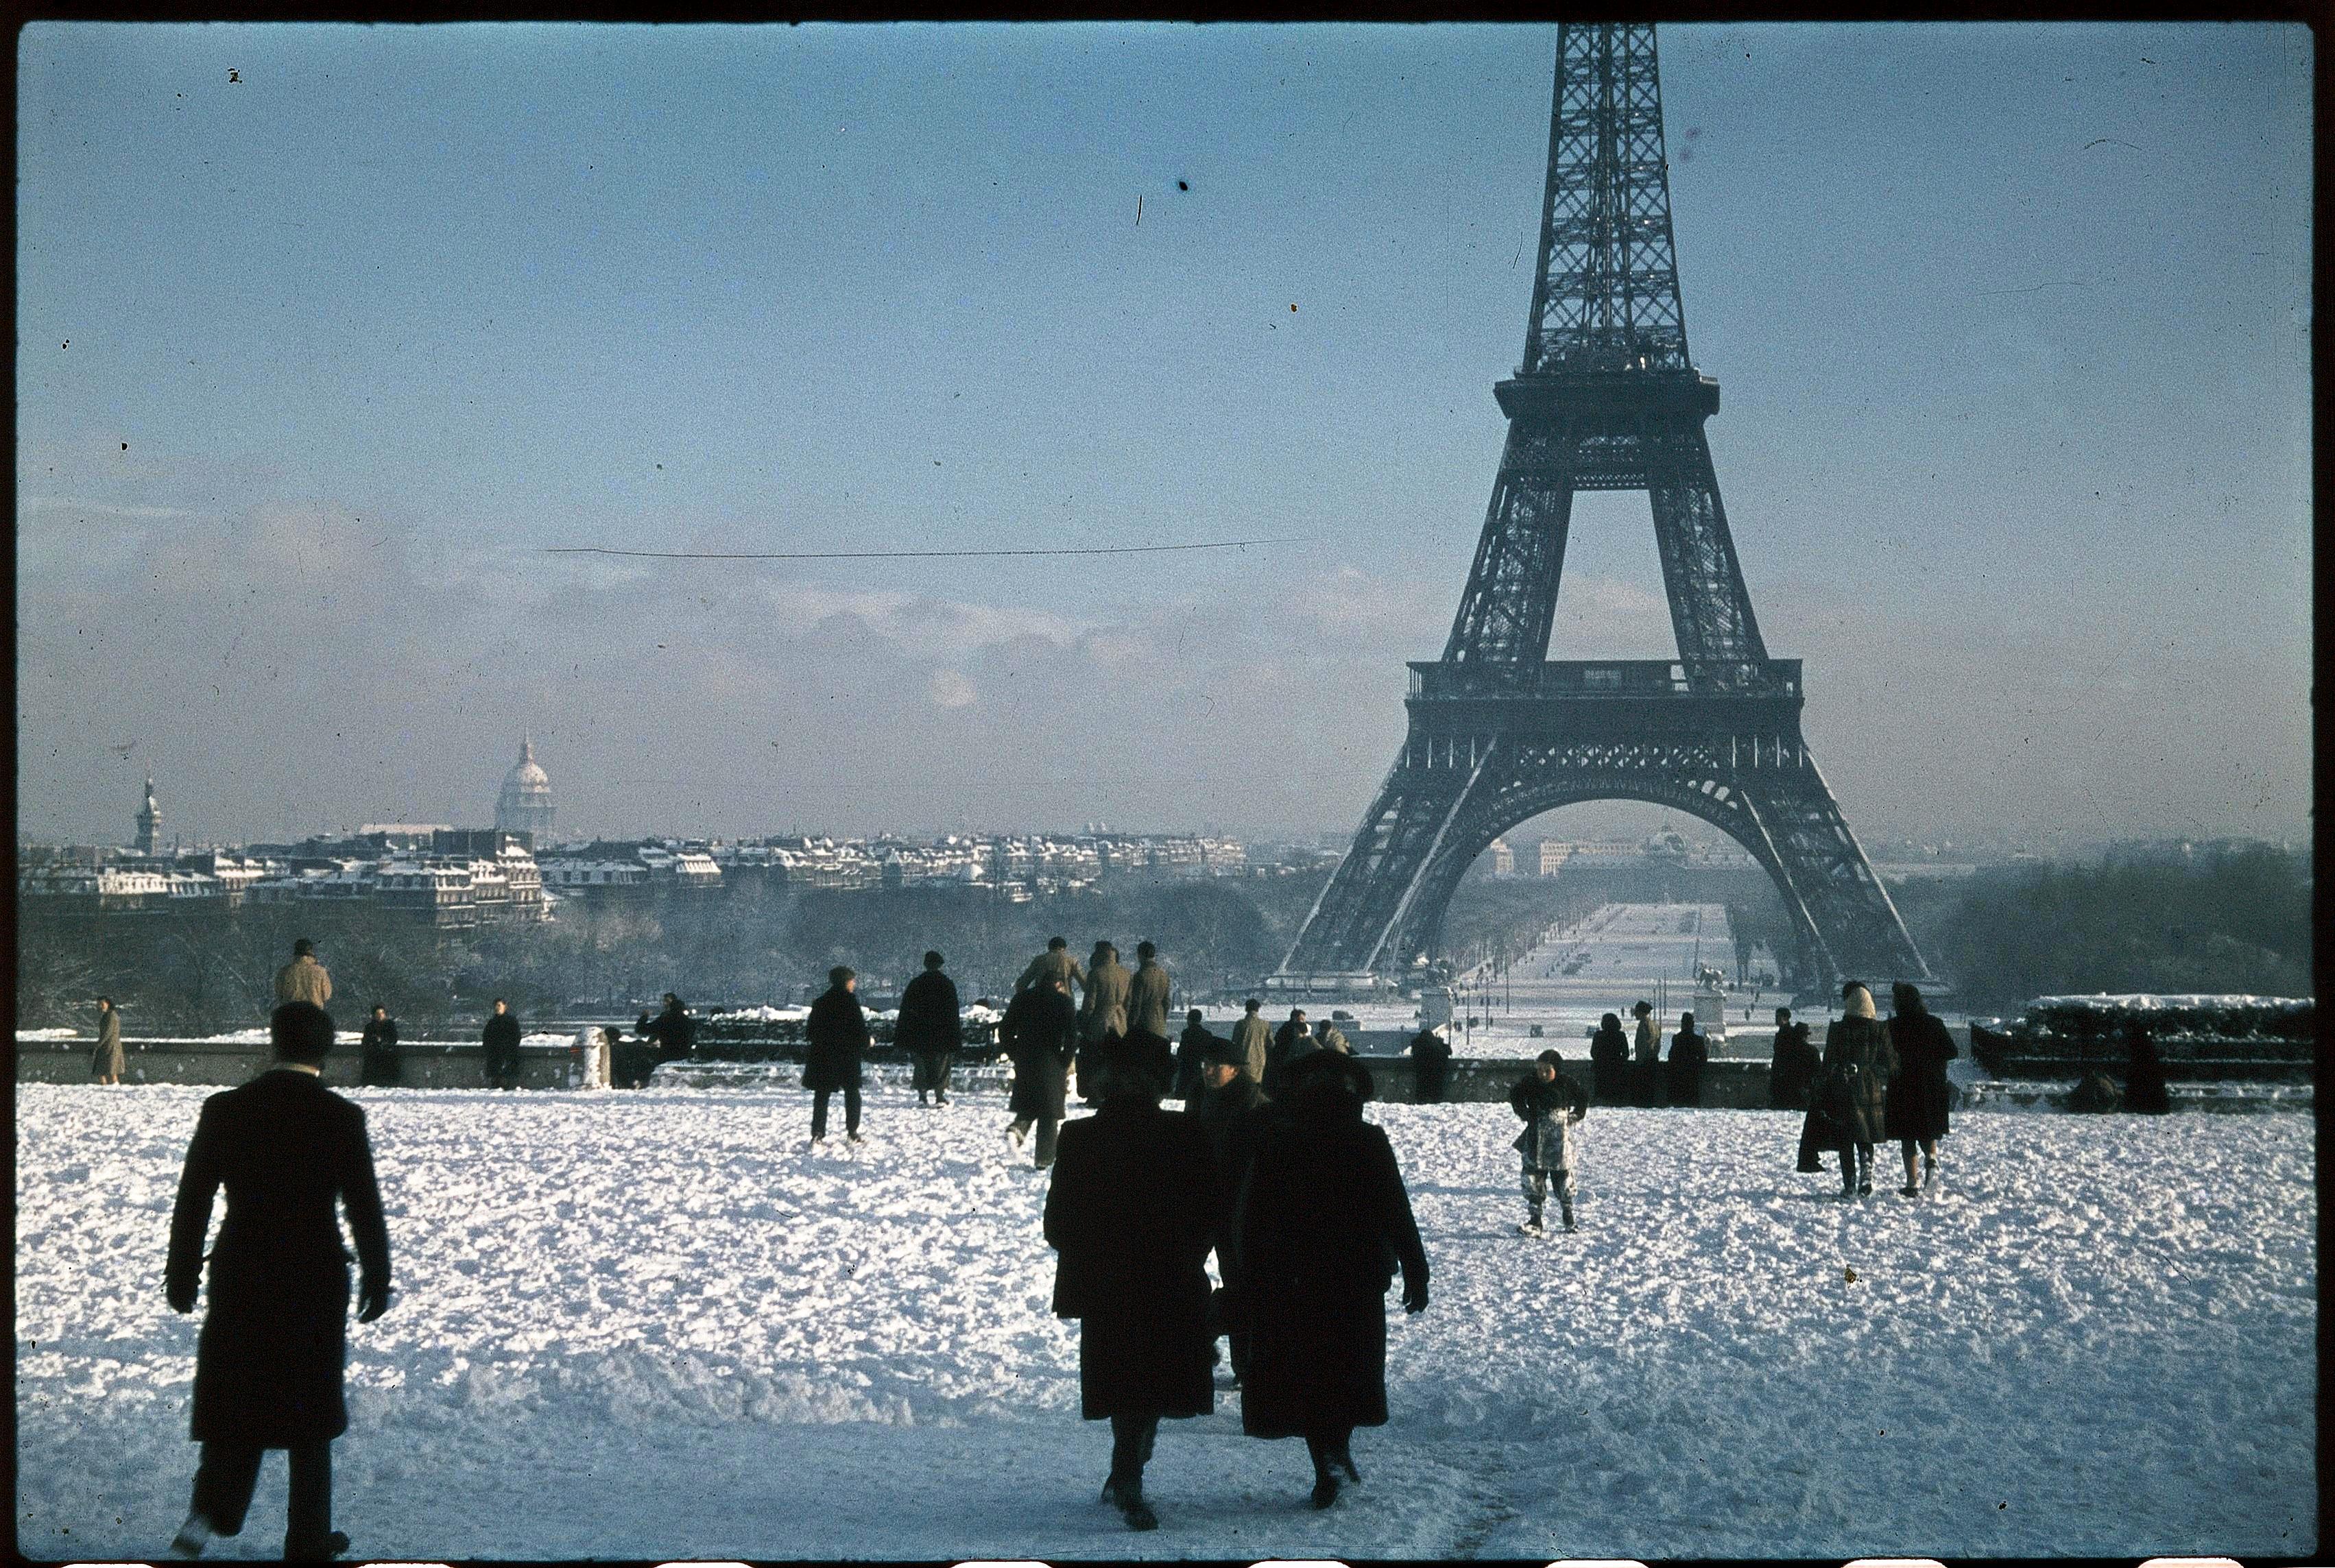 Окрестности Эйфелевой башни зимой